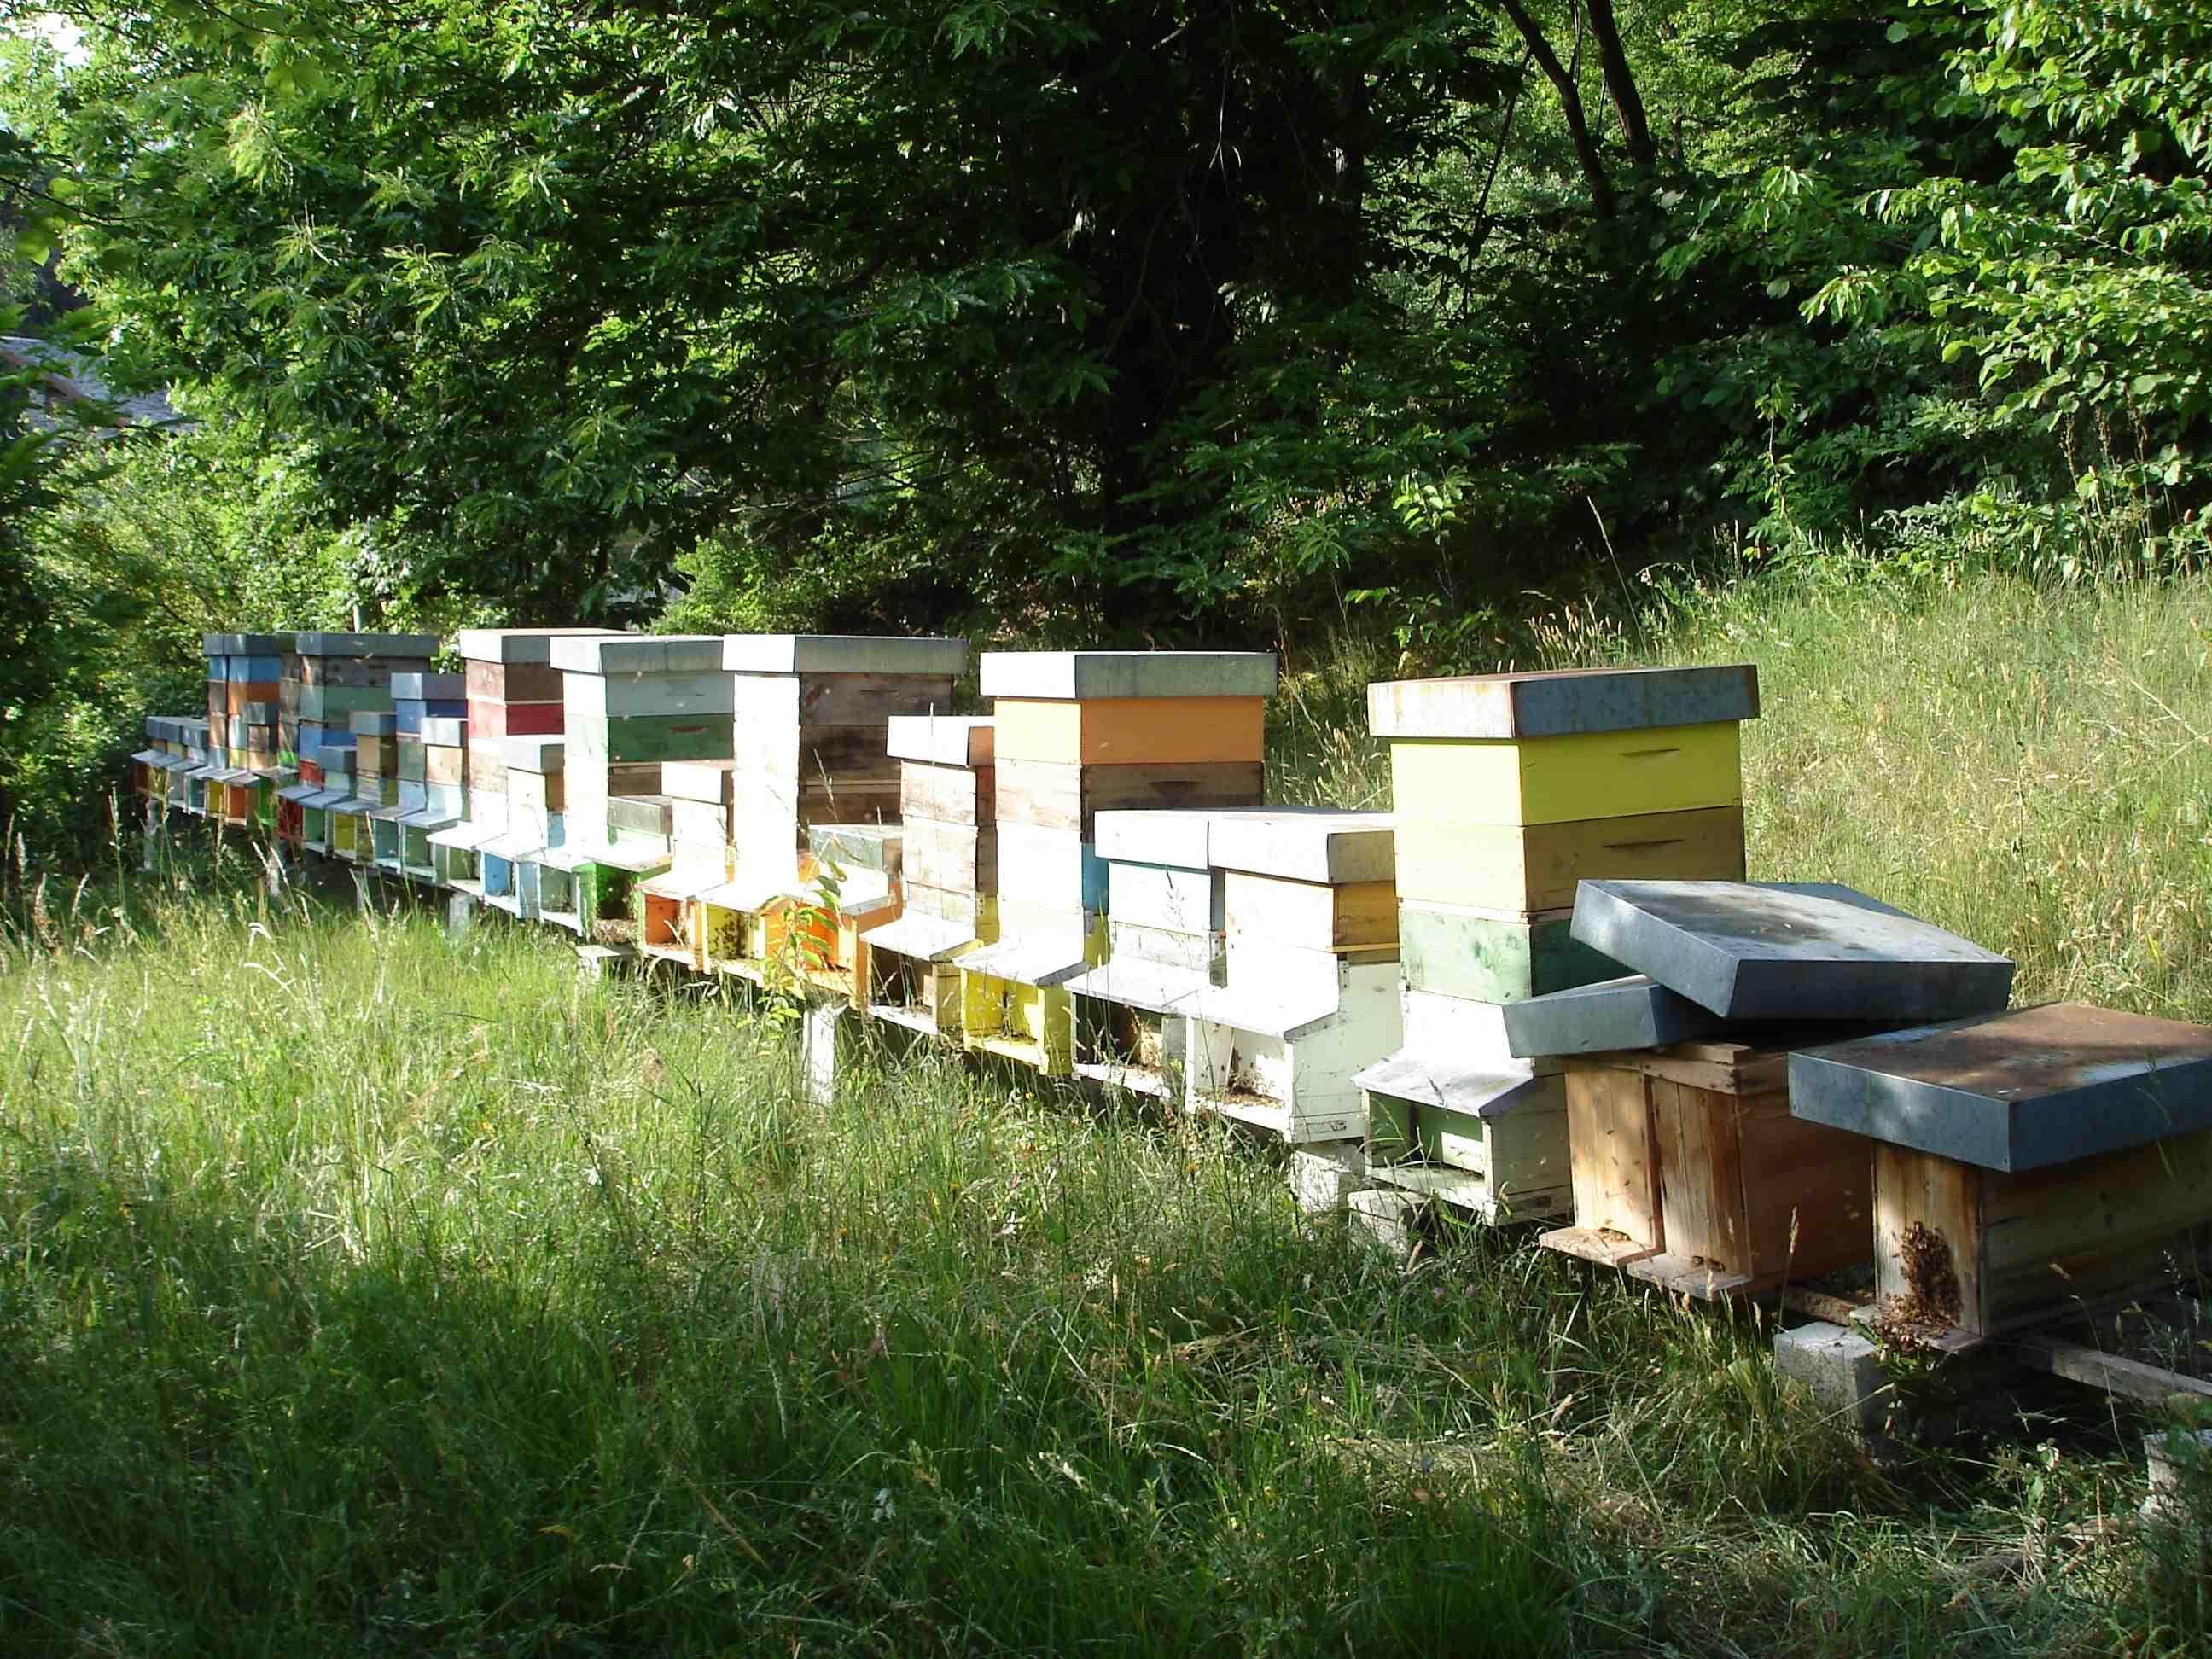 Fogli cerei per apicoltori con celle con misure su richiesta